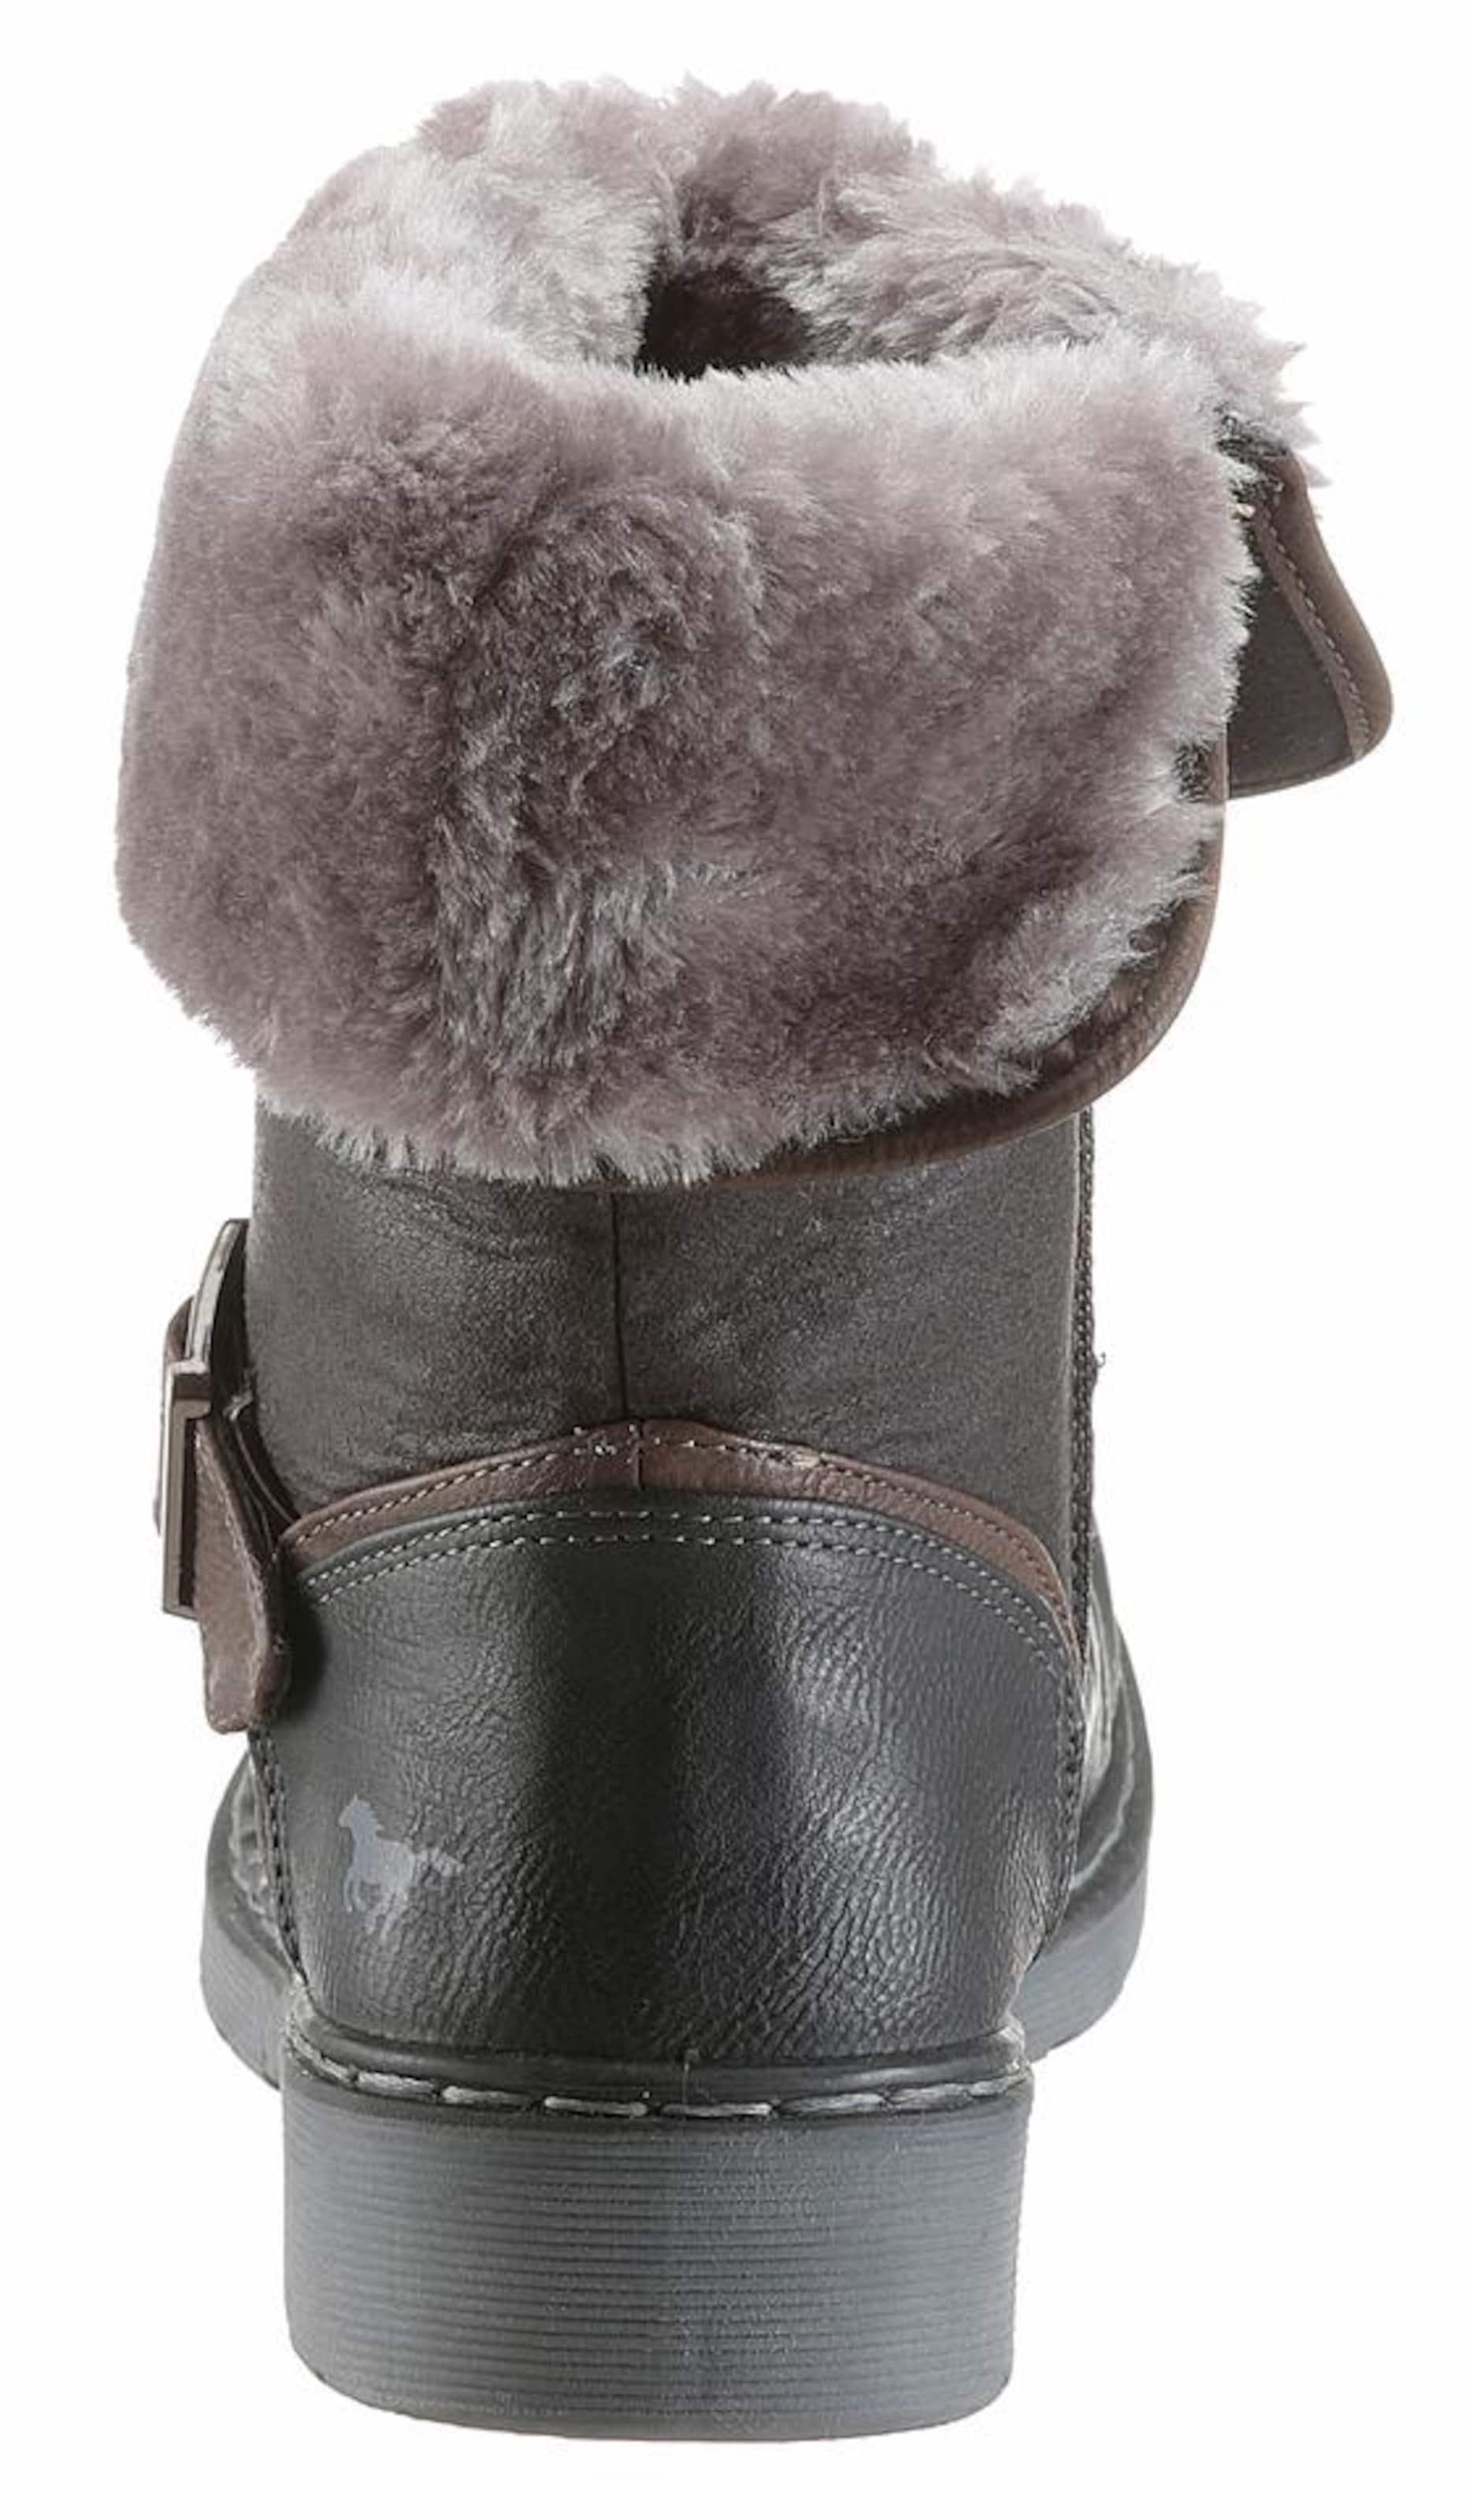 MUSTANG Shoes Winterstiefelette Verkauf Von Top-Qualität yO91h